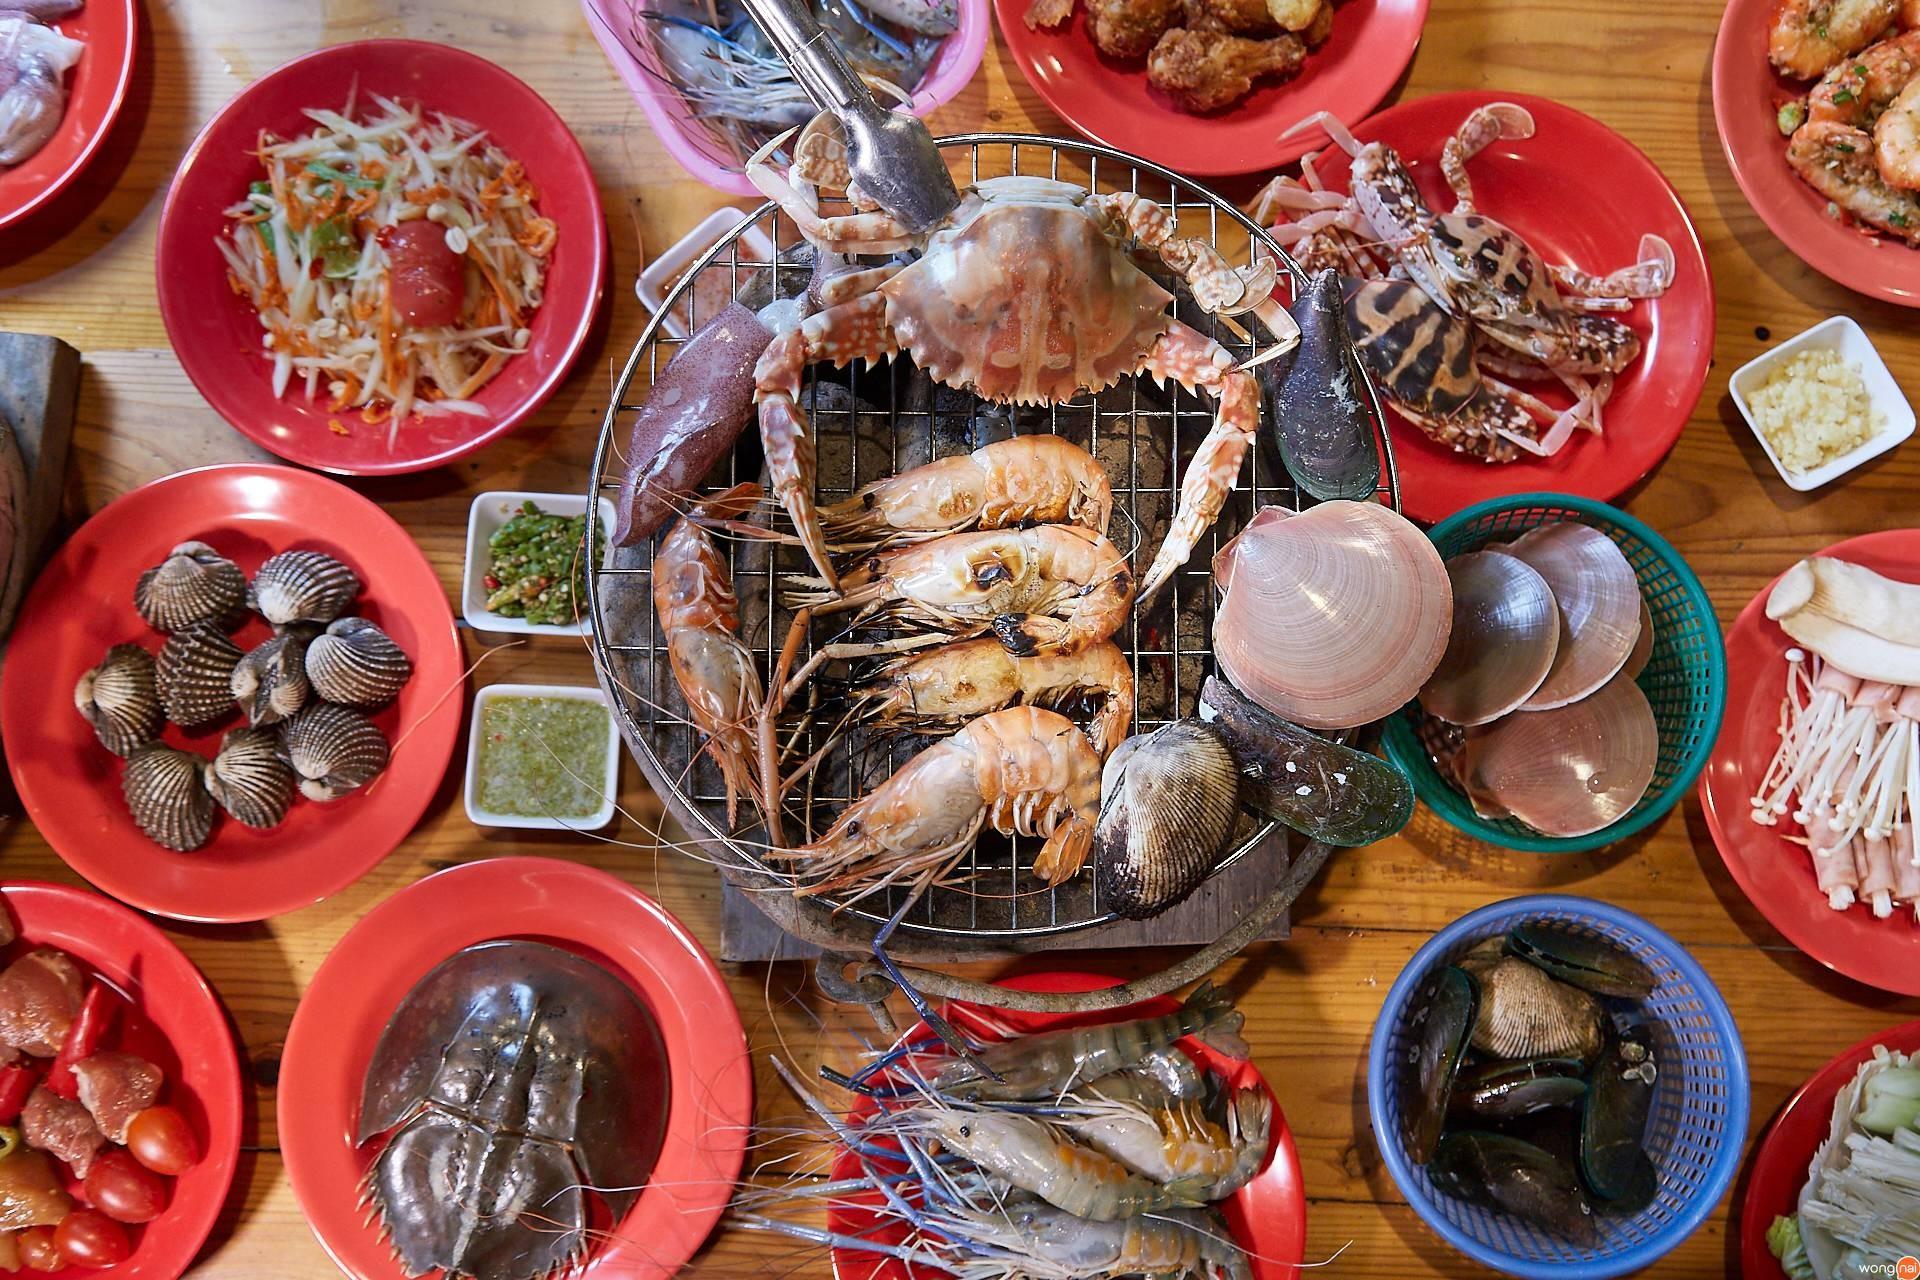 ฟาด ให้ เรียบ บุฟเฟ่ต์ทะเลเผา พัทยา อาหารทะเล อร่อย